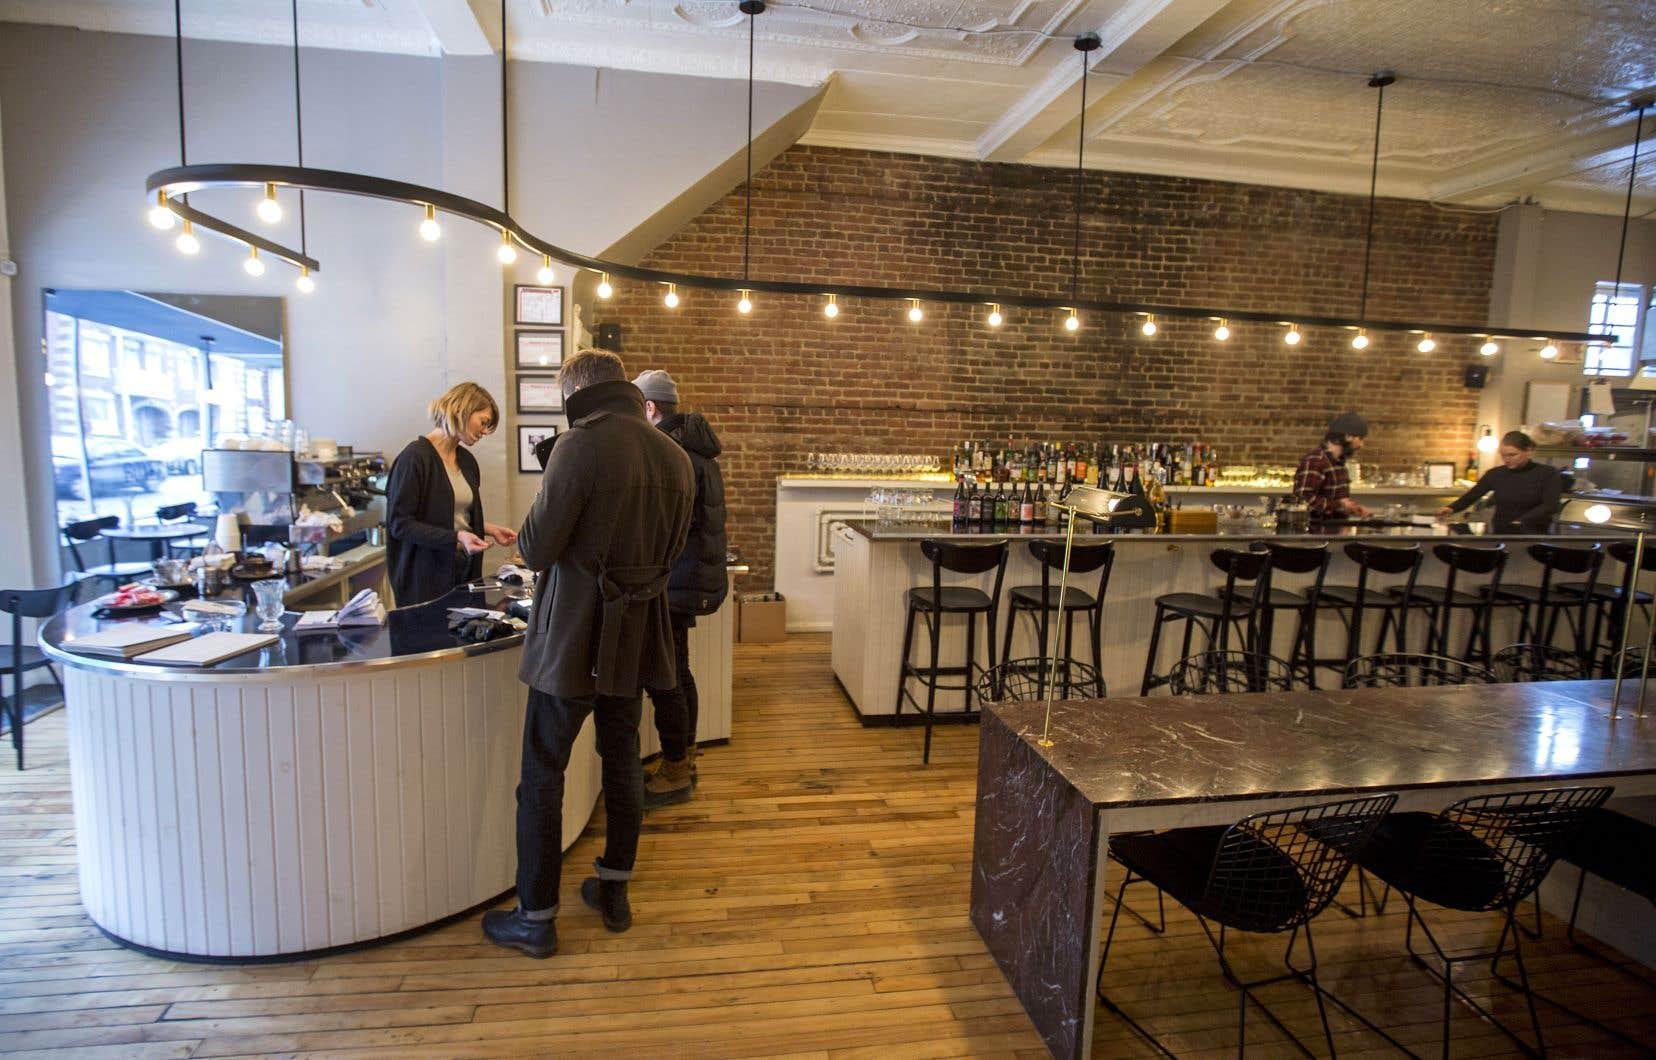 Les assiettes? Très bien si l'on considère que l'espace cuisine de Boxermans est plus petit que la plupart des cuisines de ses clients.